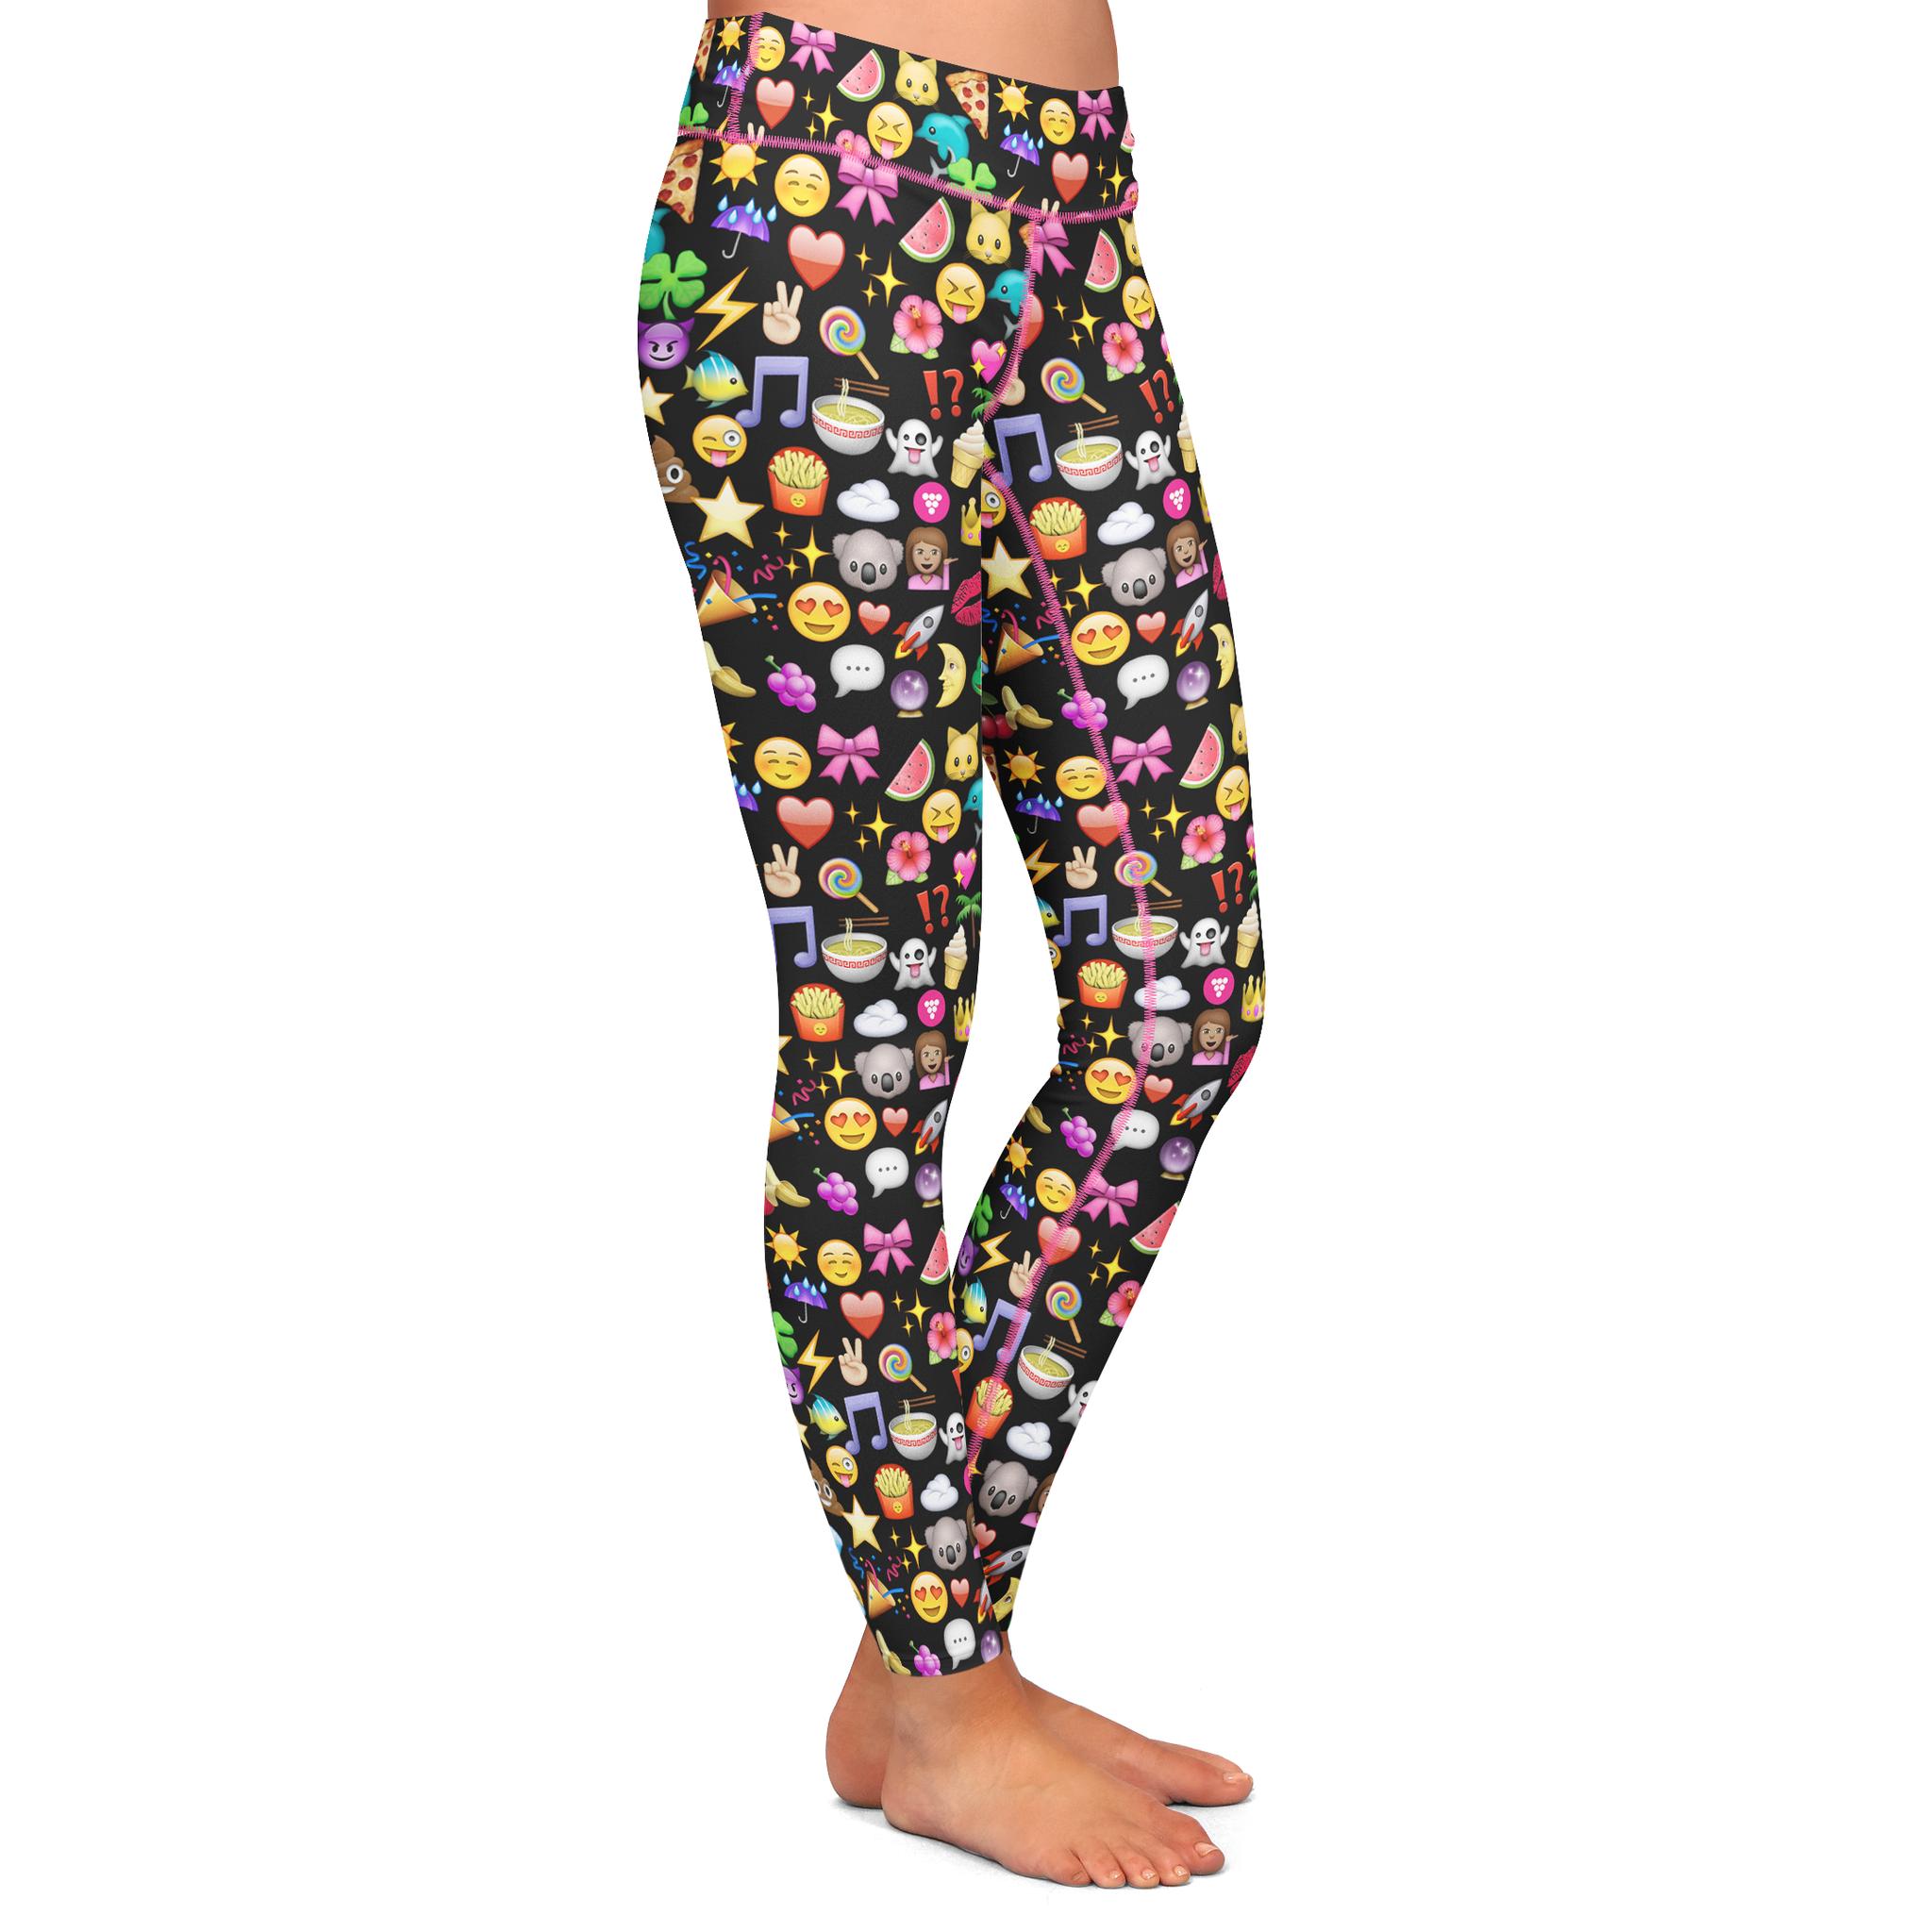 b96447af7cf7b1 Black Emoji Yoga Pants | Products | Yoga Pants, Pants, Yoga